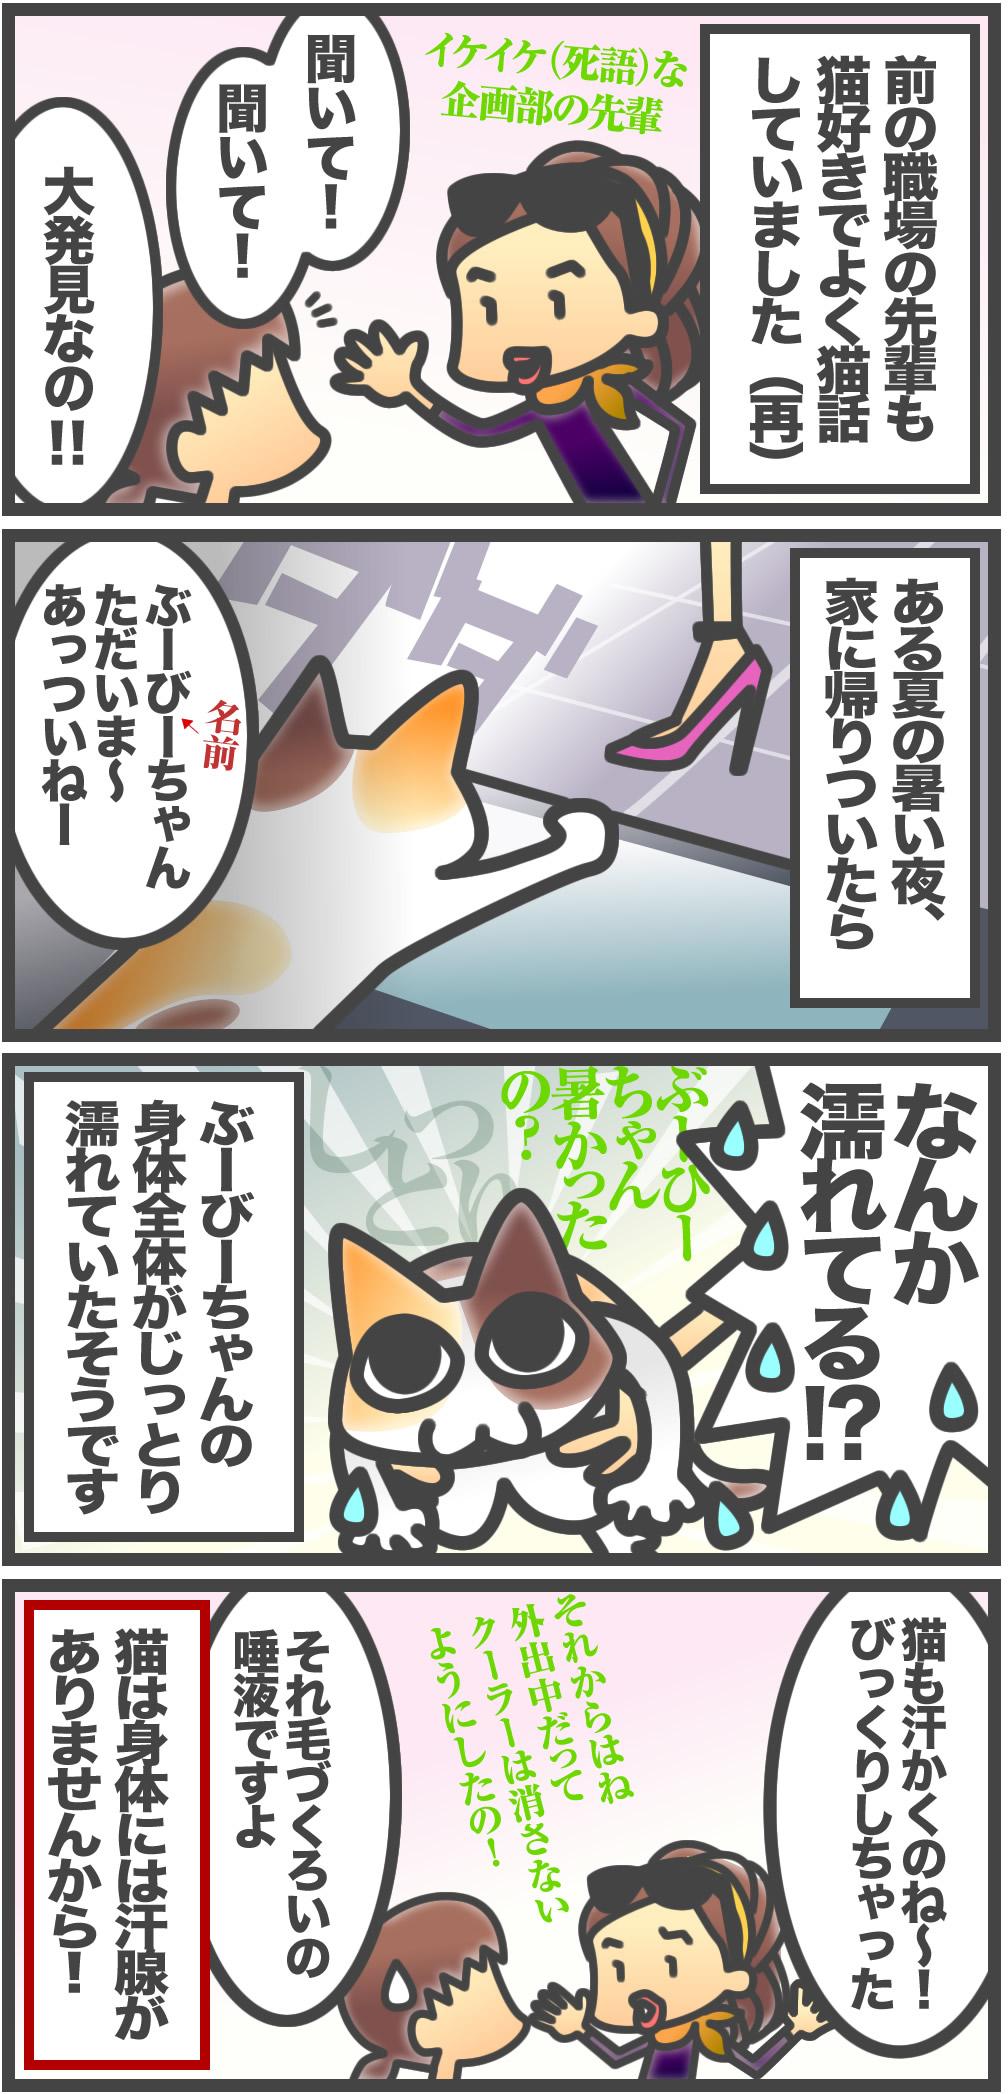 ブログまんが10 - 先輩の猫は汗をかく